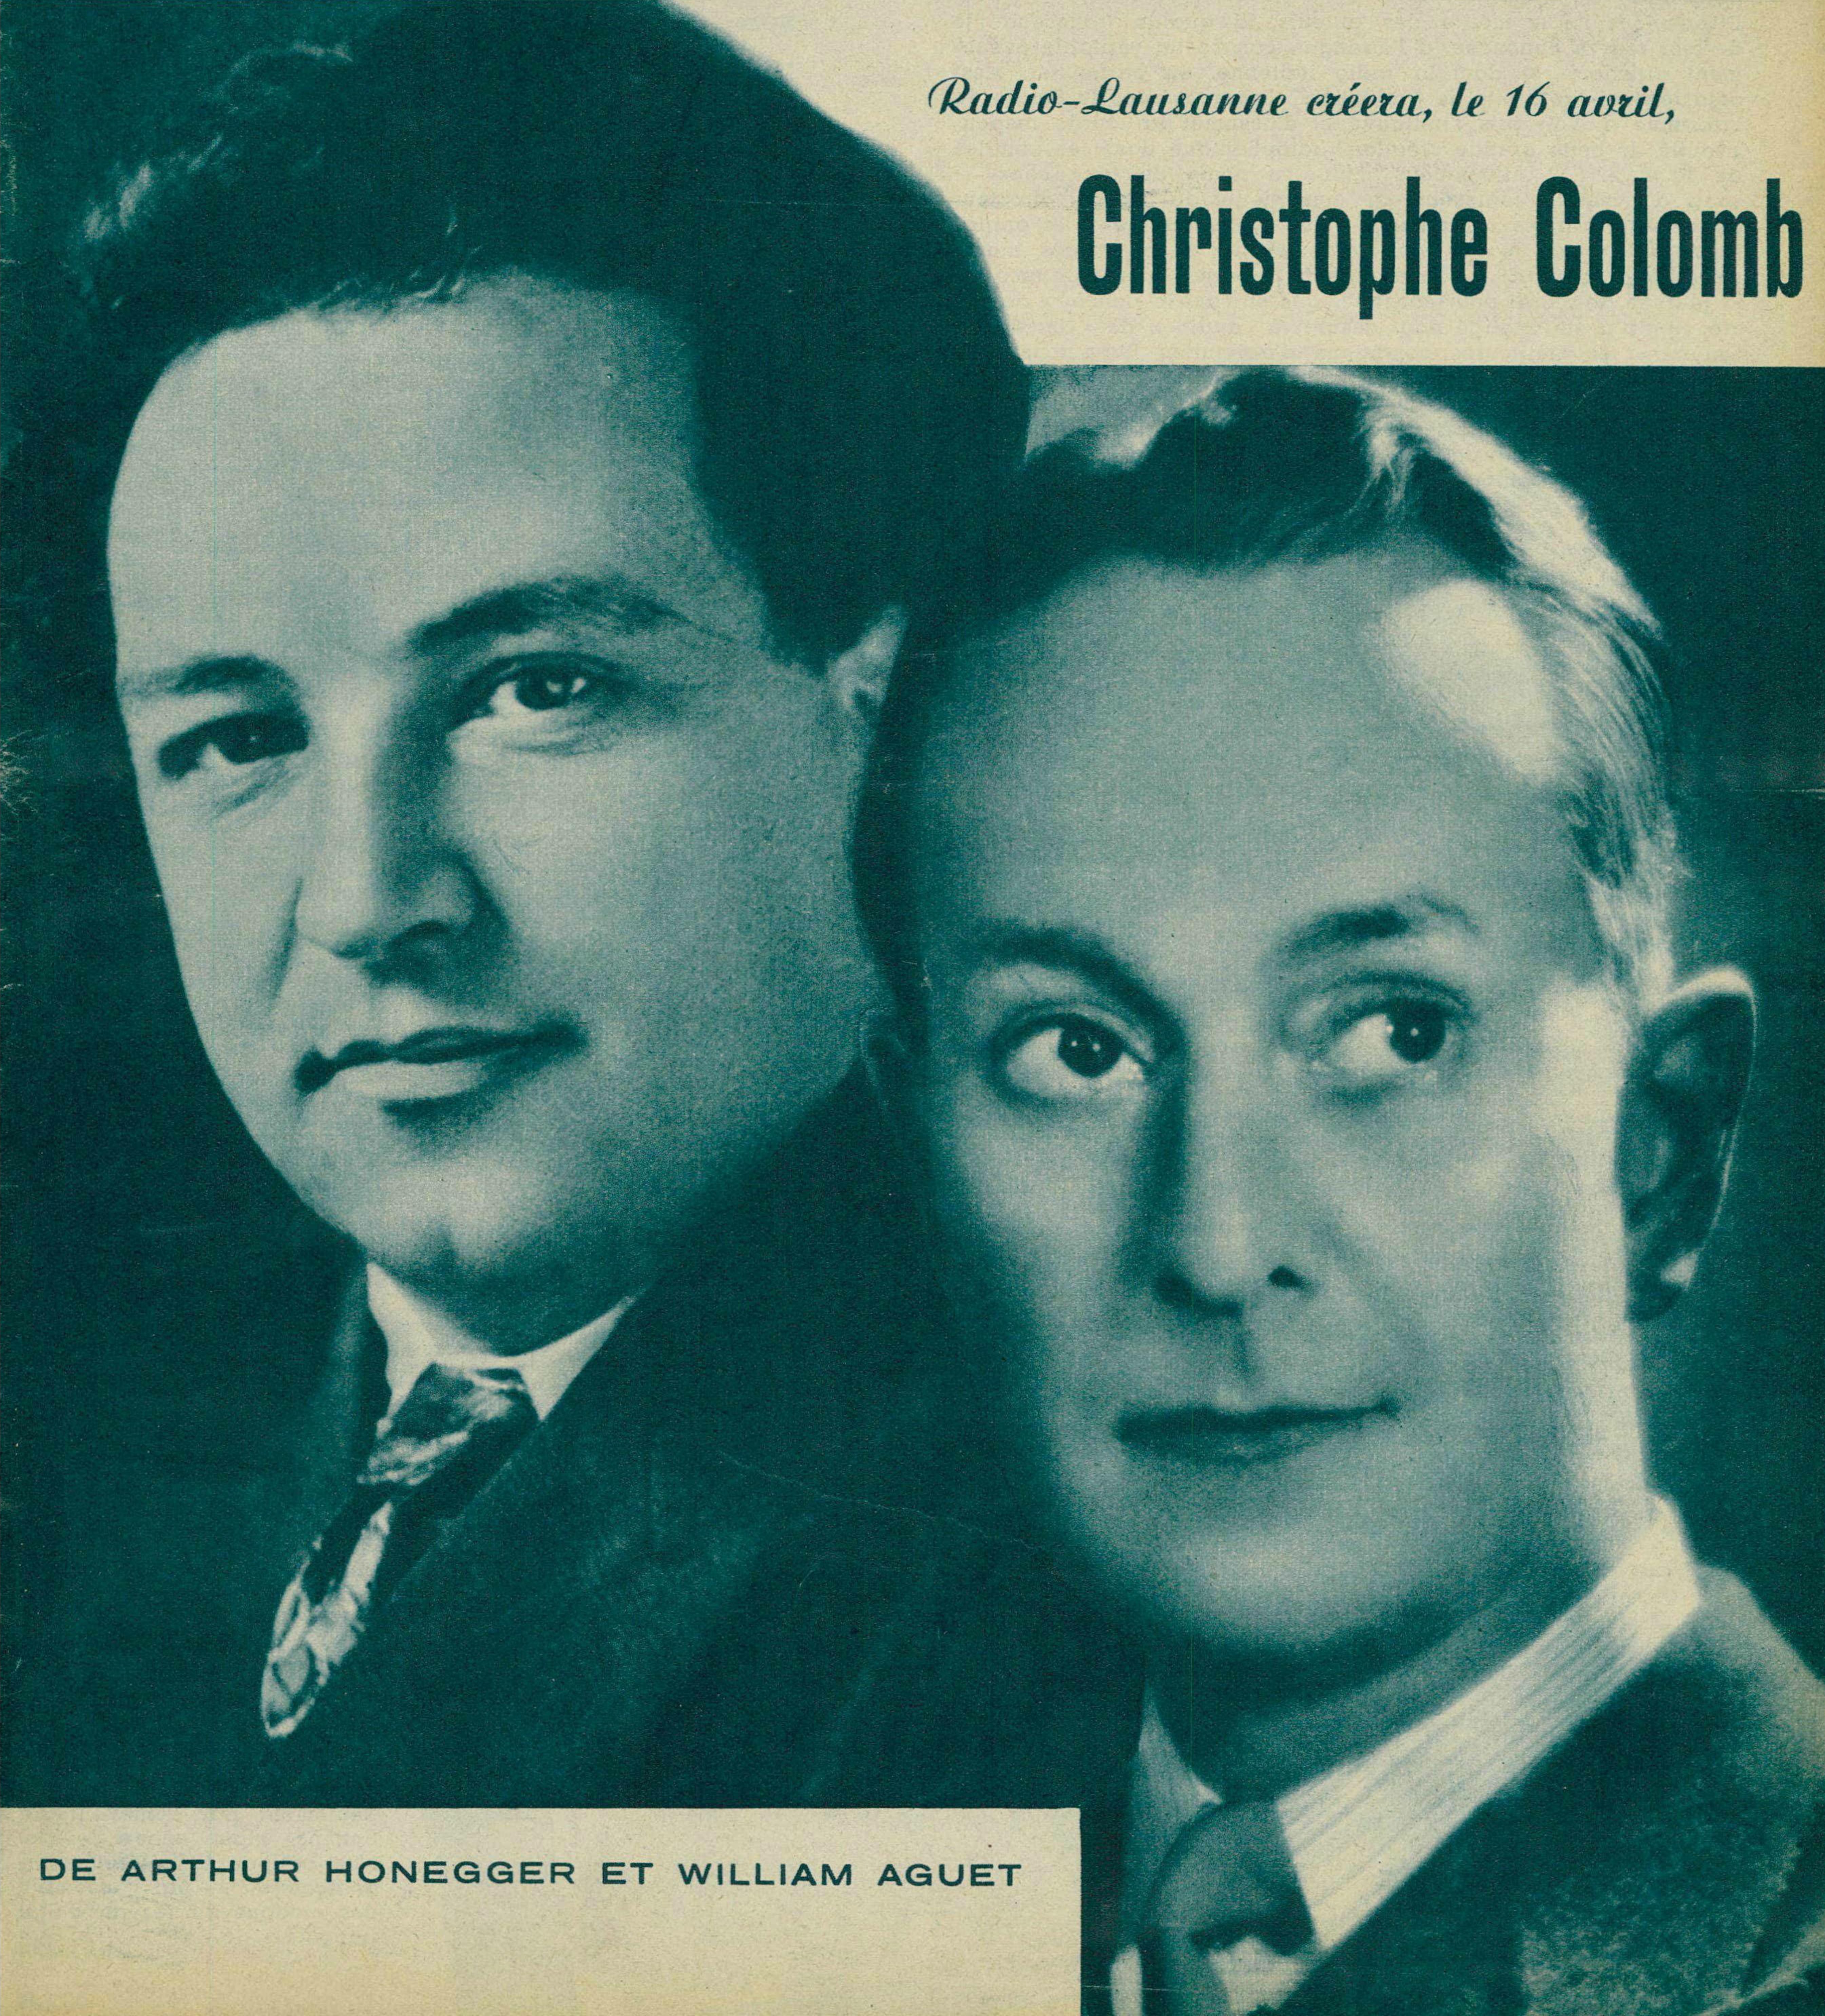 Arthur Honegger et William Aguet à propos de leur Christophe Colomb, une photo publiée en couverture de la revue Le Radio du 12 avril 1940, No 888, cliquer pour plus d'infos